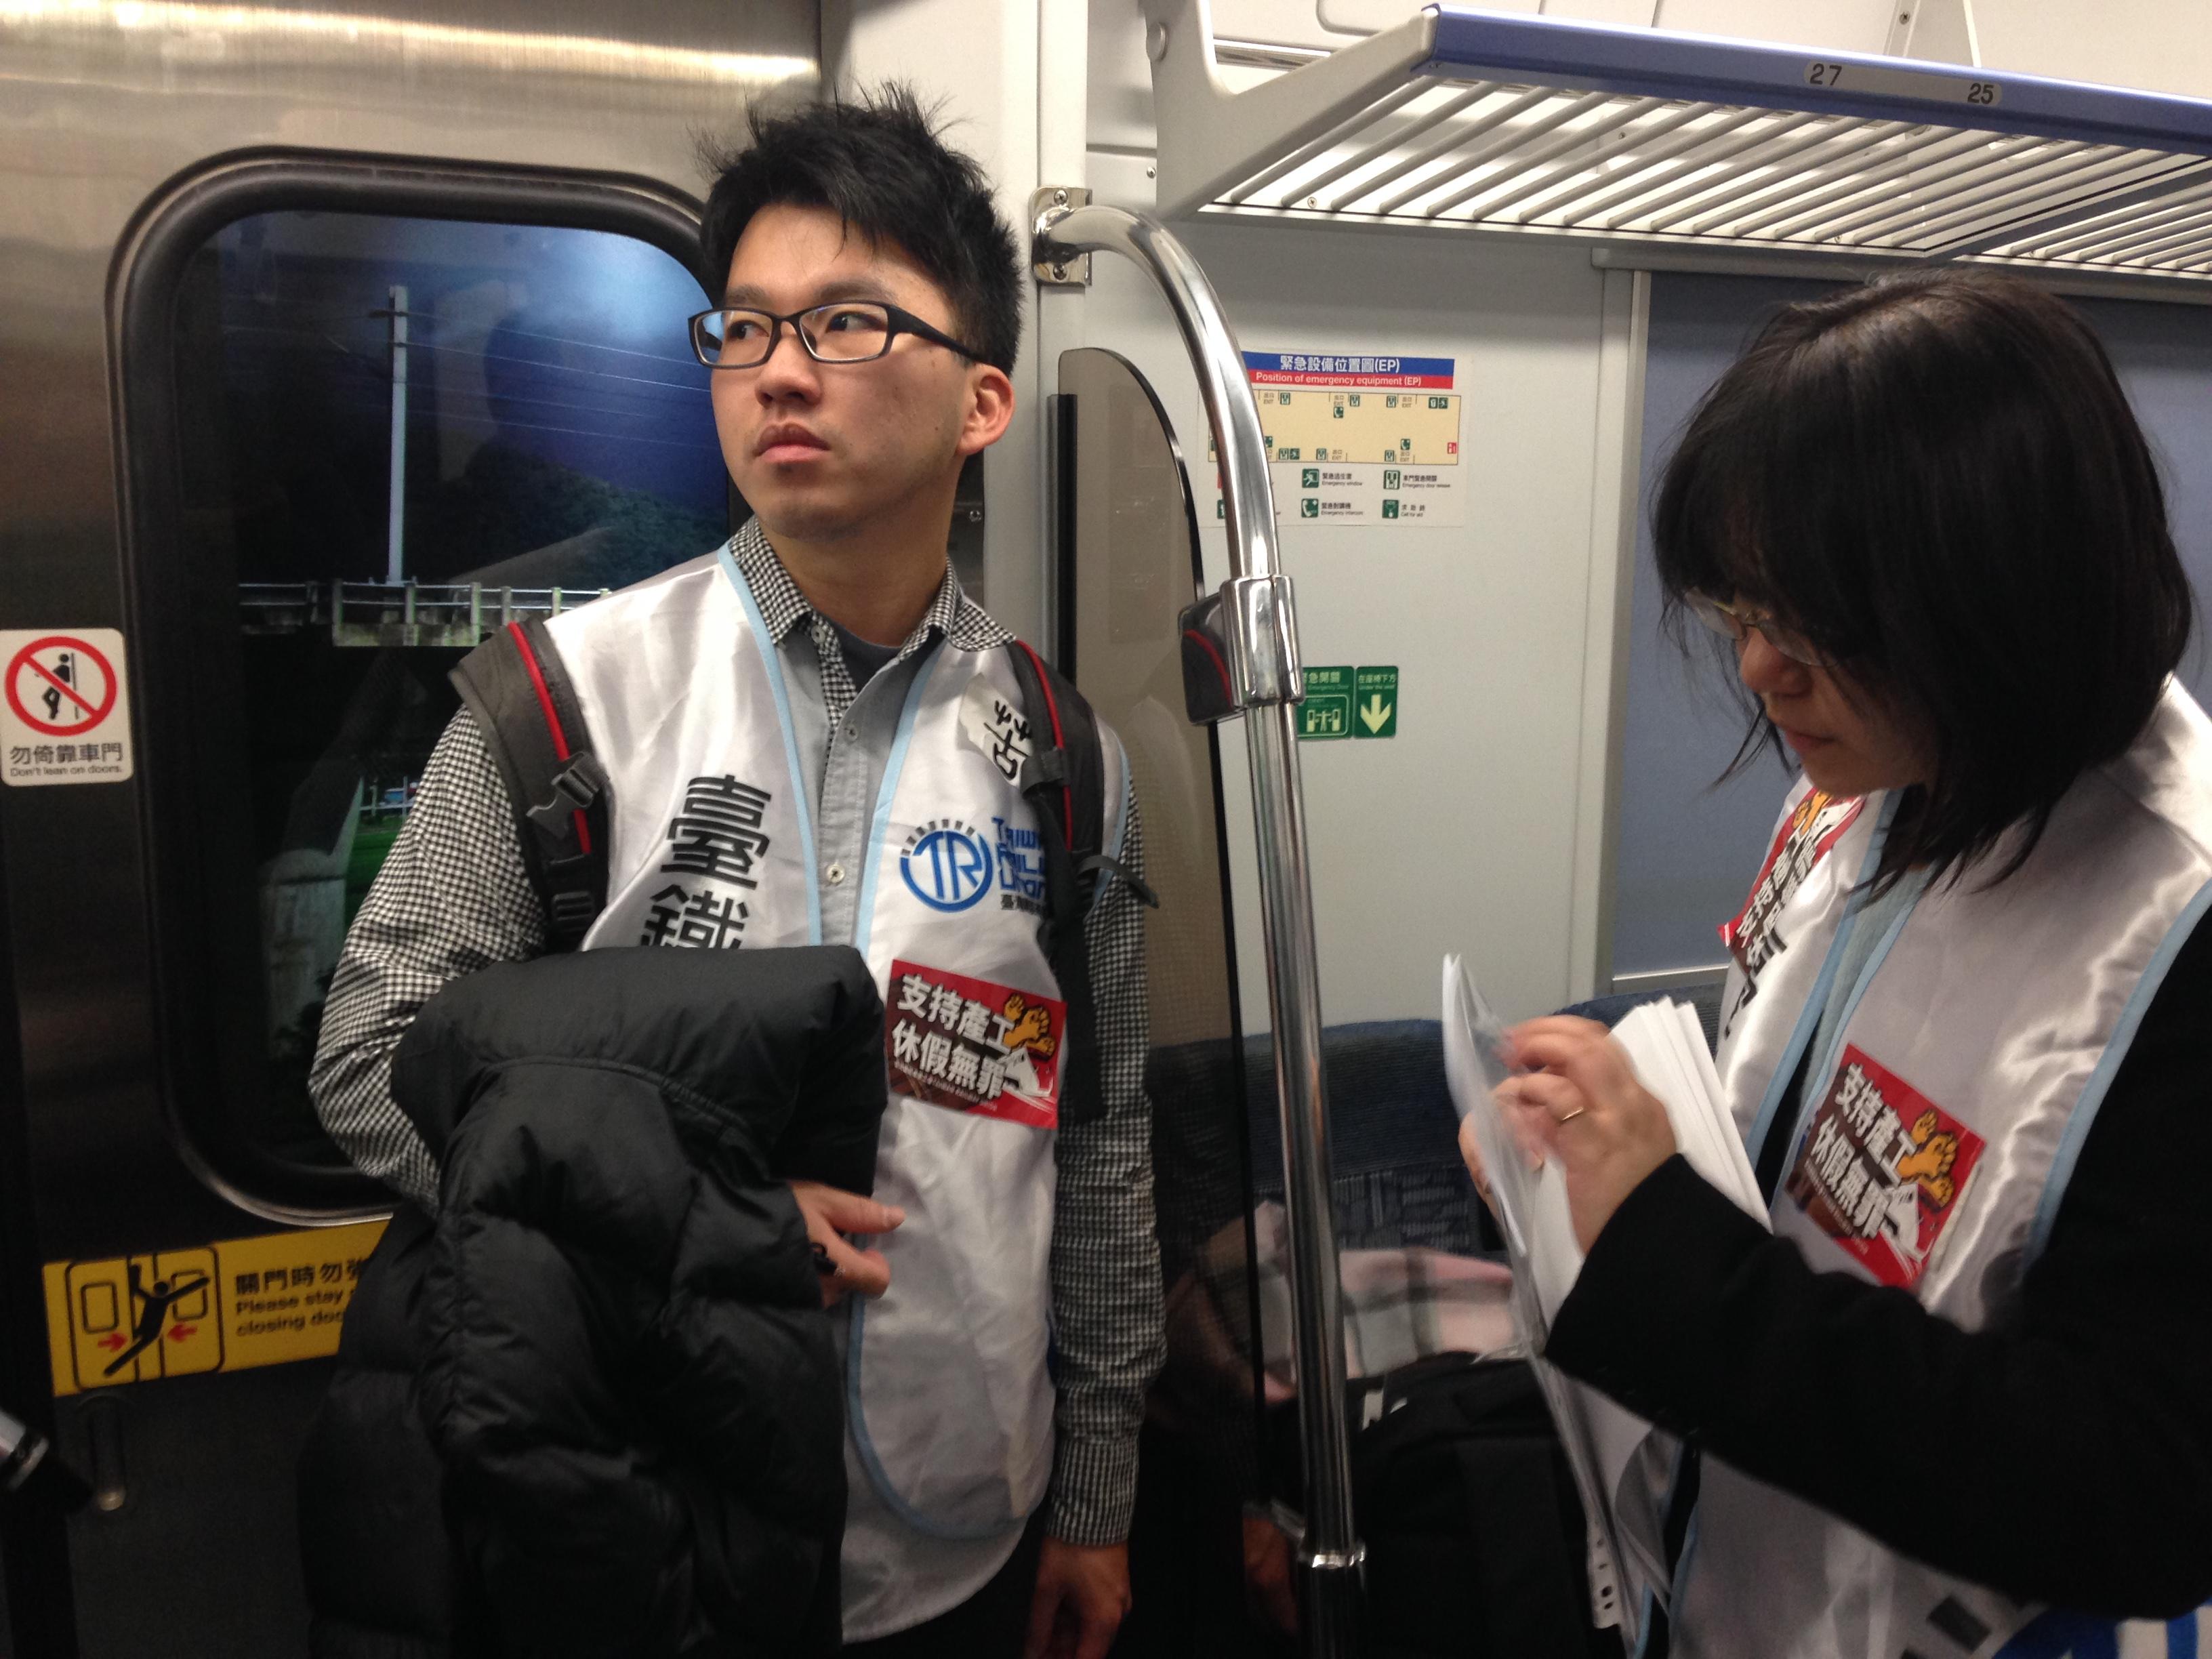 台鐵產工理事長王傑貼著支持產工的貼紙,搭上前往板橋站考成會的火車。(攝影:張宗坤)